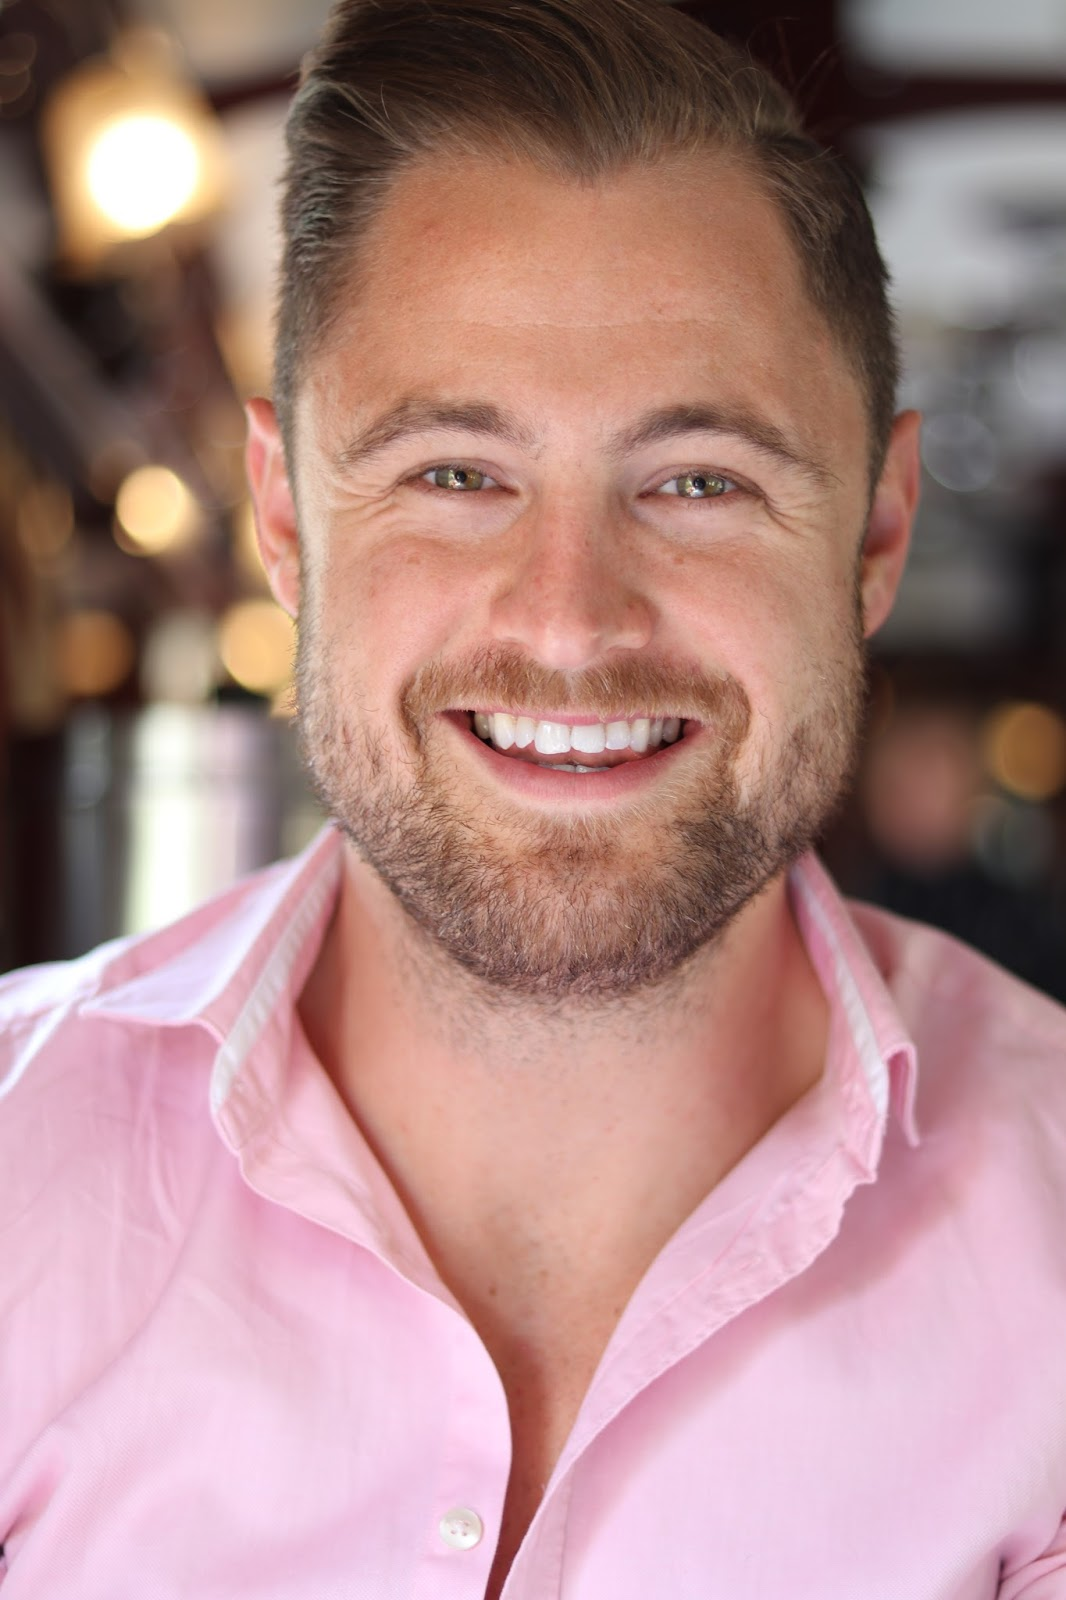 Ben Heath wearing a pink shirt aboard Rovos Rail